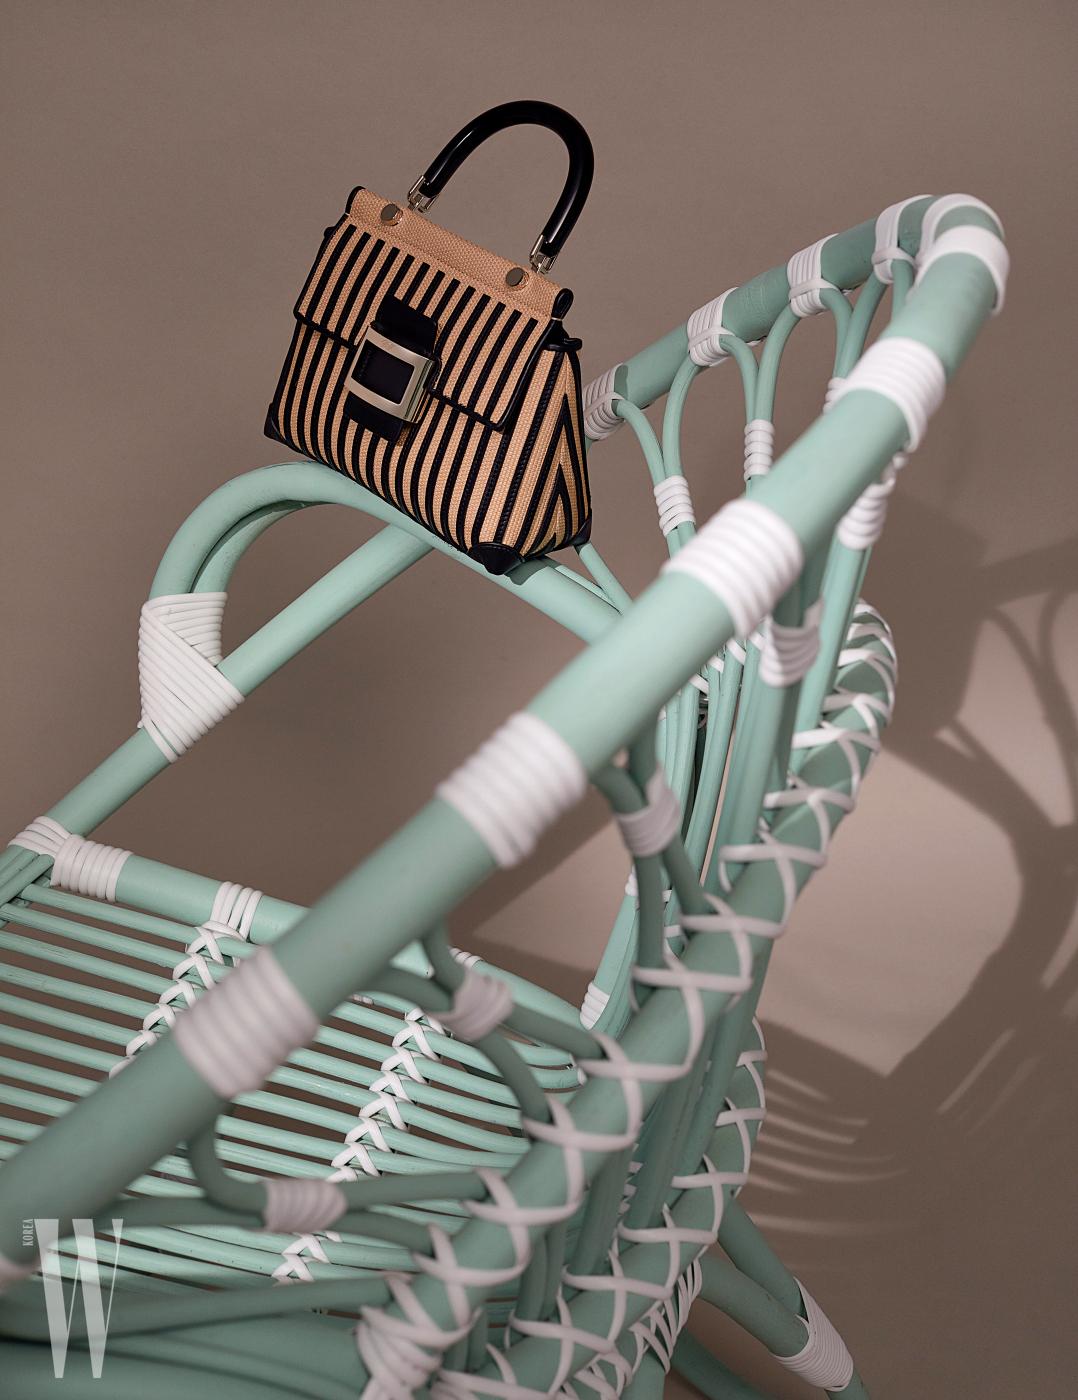 라피아와 가죽 장식의 섬세한 조화가 인상적인 스트로 까바 미니 백은 로저 비비에 제품. 3백90만원대. 의자는 소프트 퍼레이드 제품. 가격 미정.